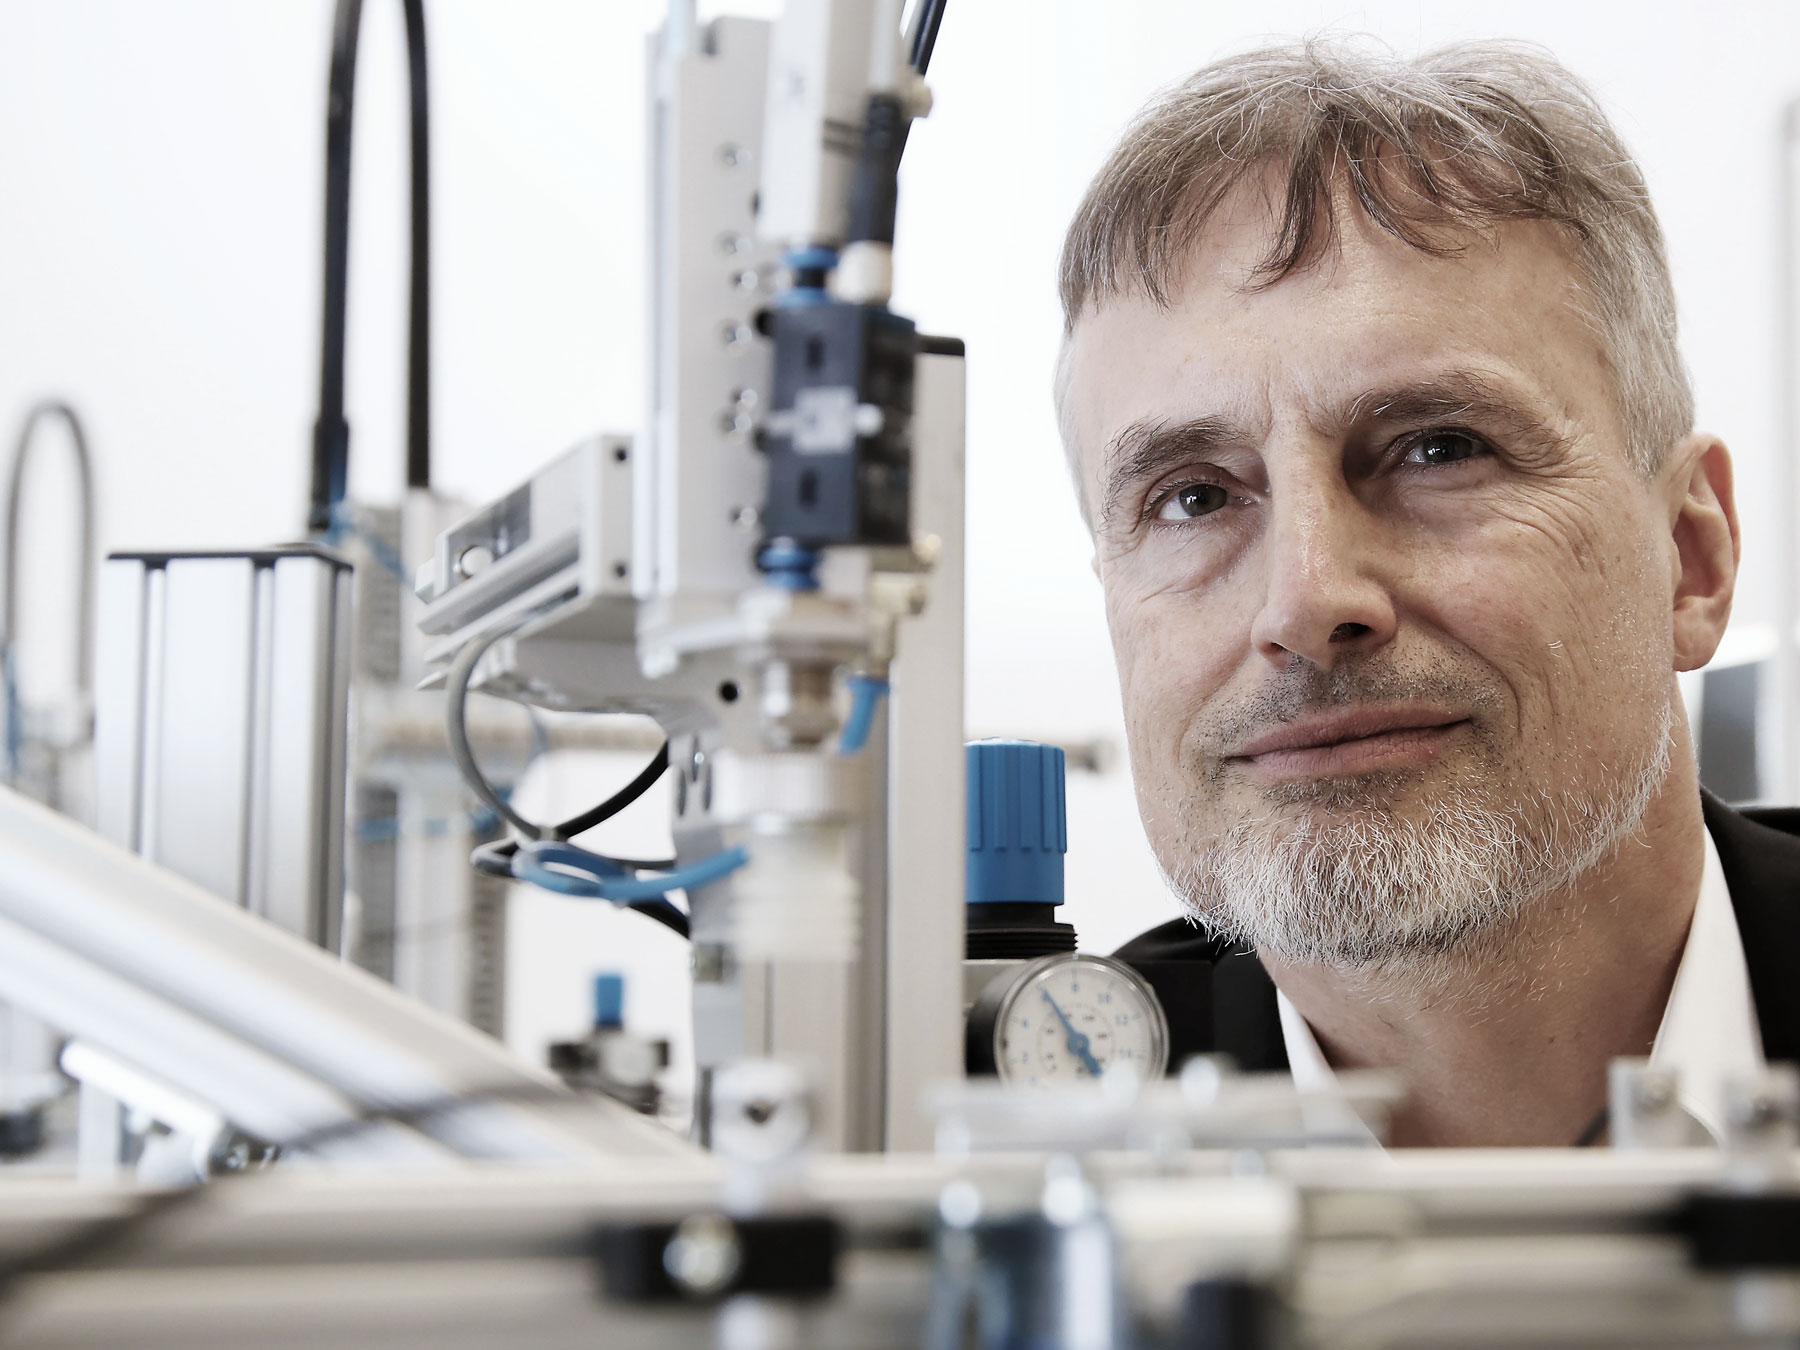 À 15ans, il voulait déjà construire quelque chose de plus intelligent que lui: Jürgen Schmidhuber dans son laboratoire.